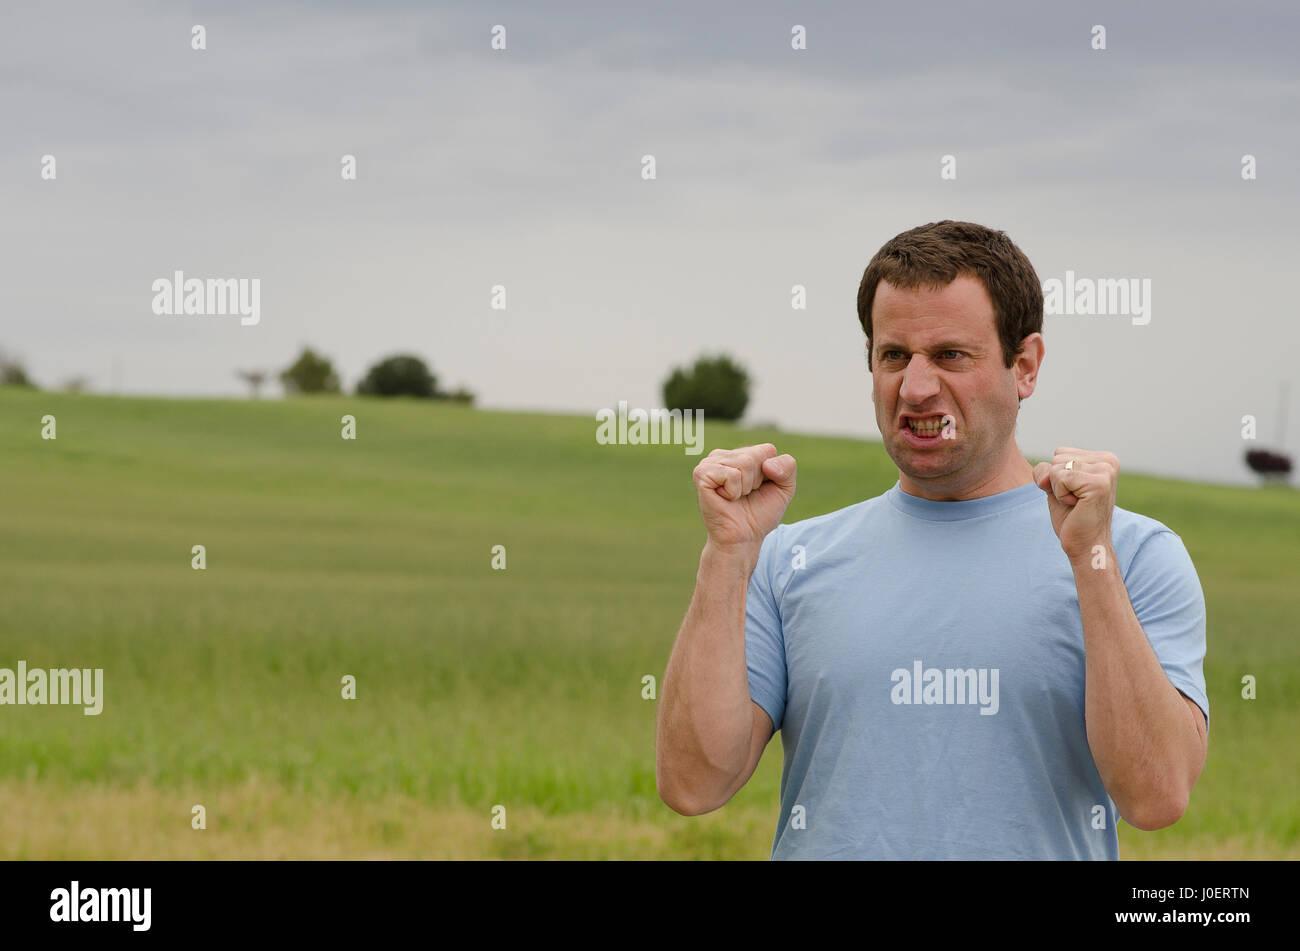 Hombre furioso con los puños apretados fuera en el campo. Imagen De Stock